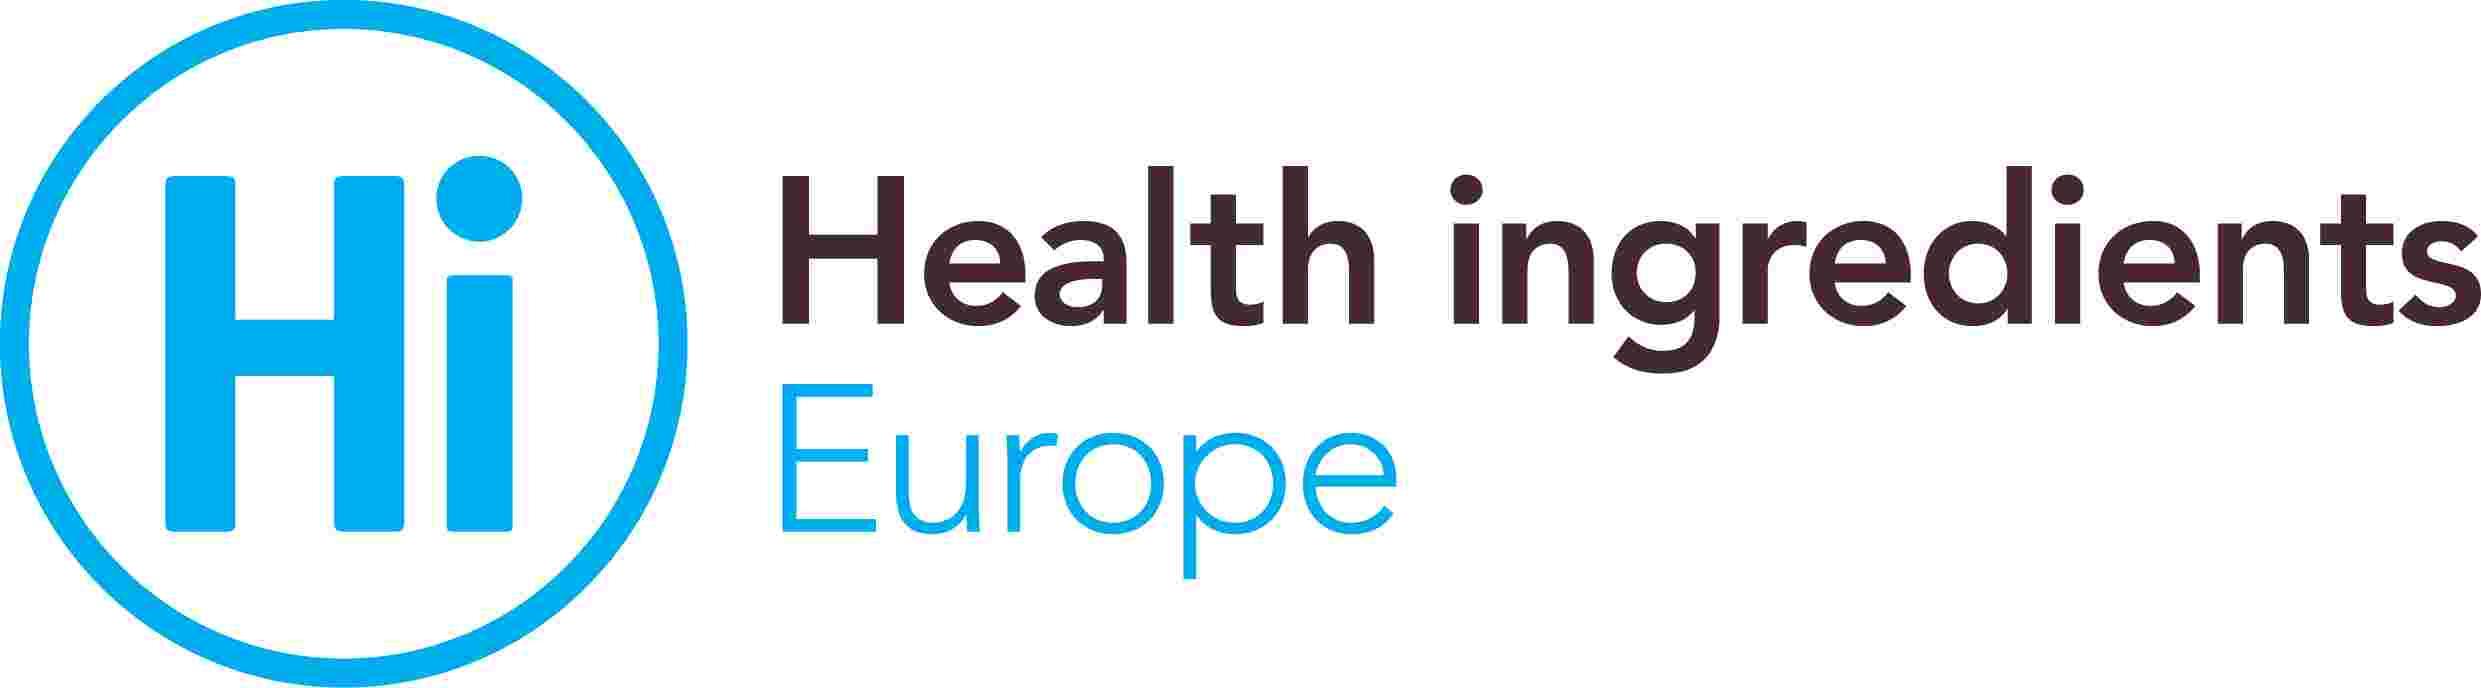 Health Ingredients Europe